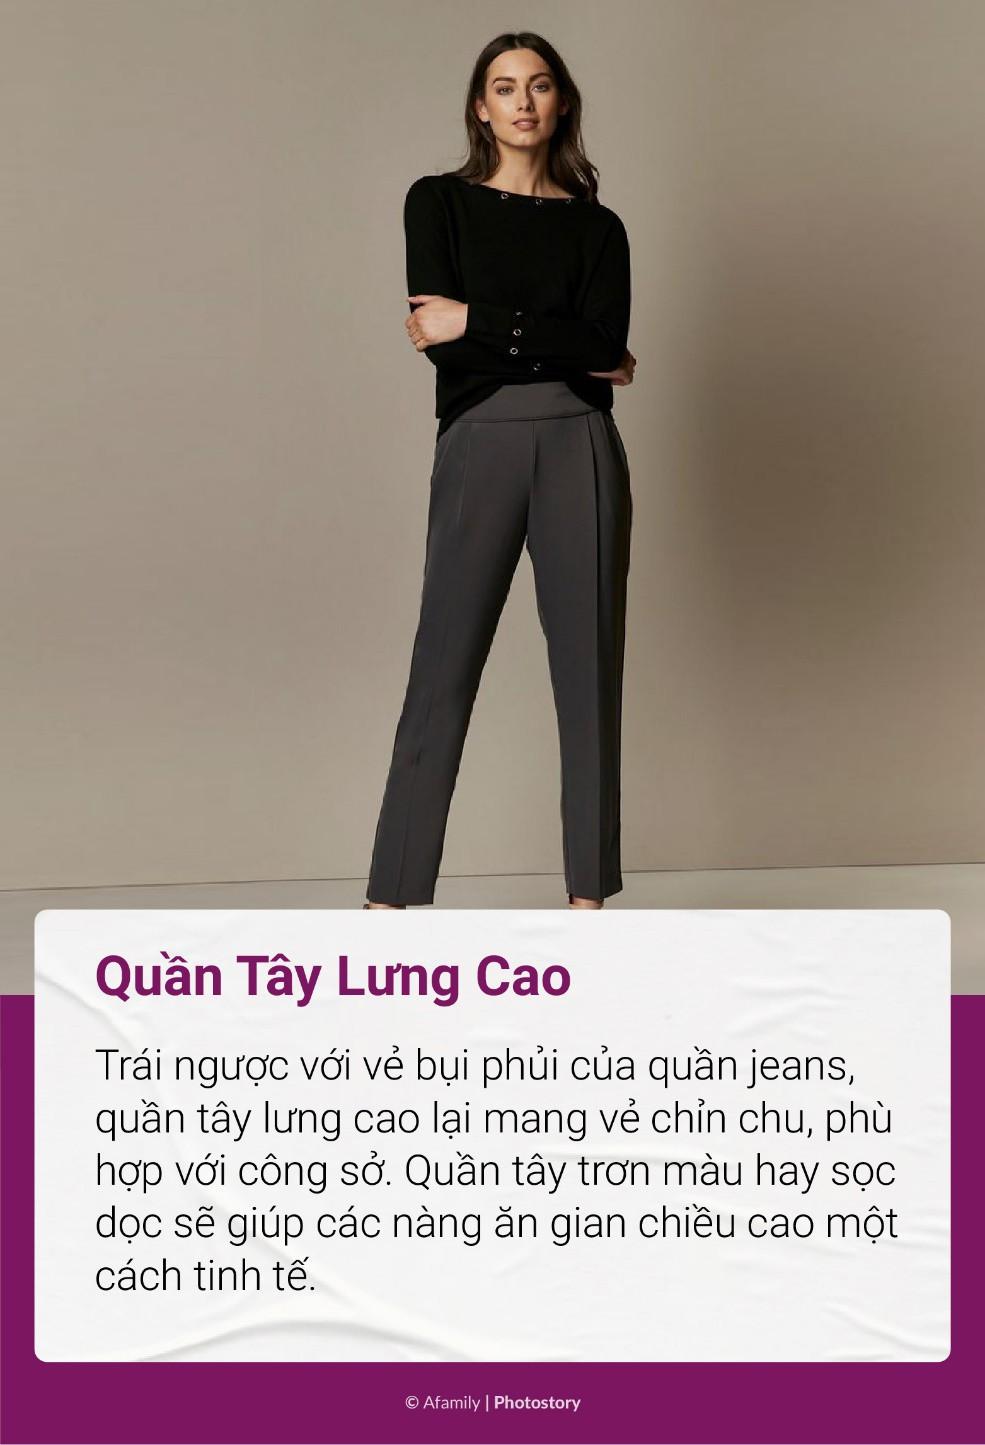 10 món đồ nên có trong tủ áo quần cho phái đẹp luôn sành điệu tự tin - Ảnh 5.